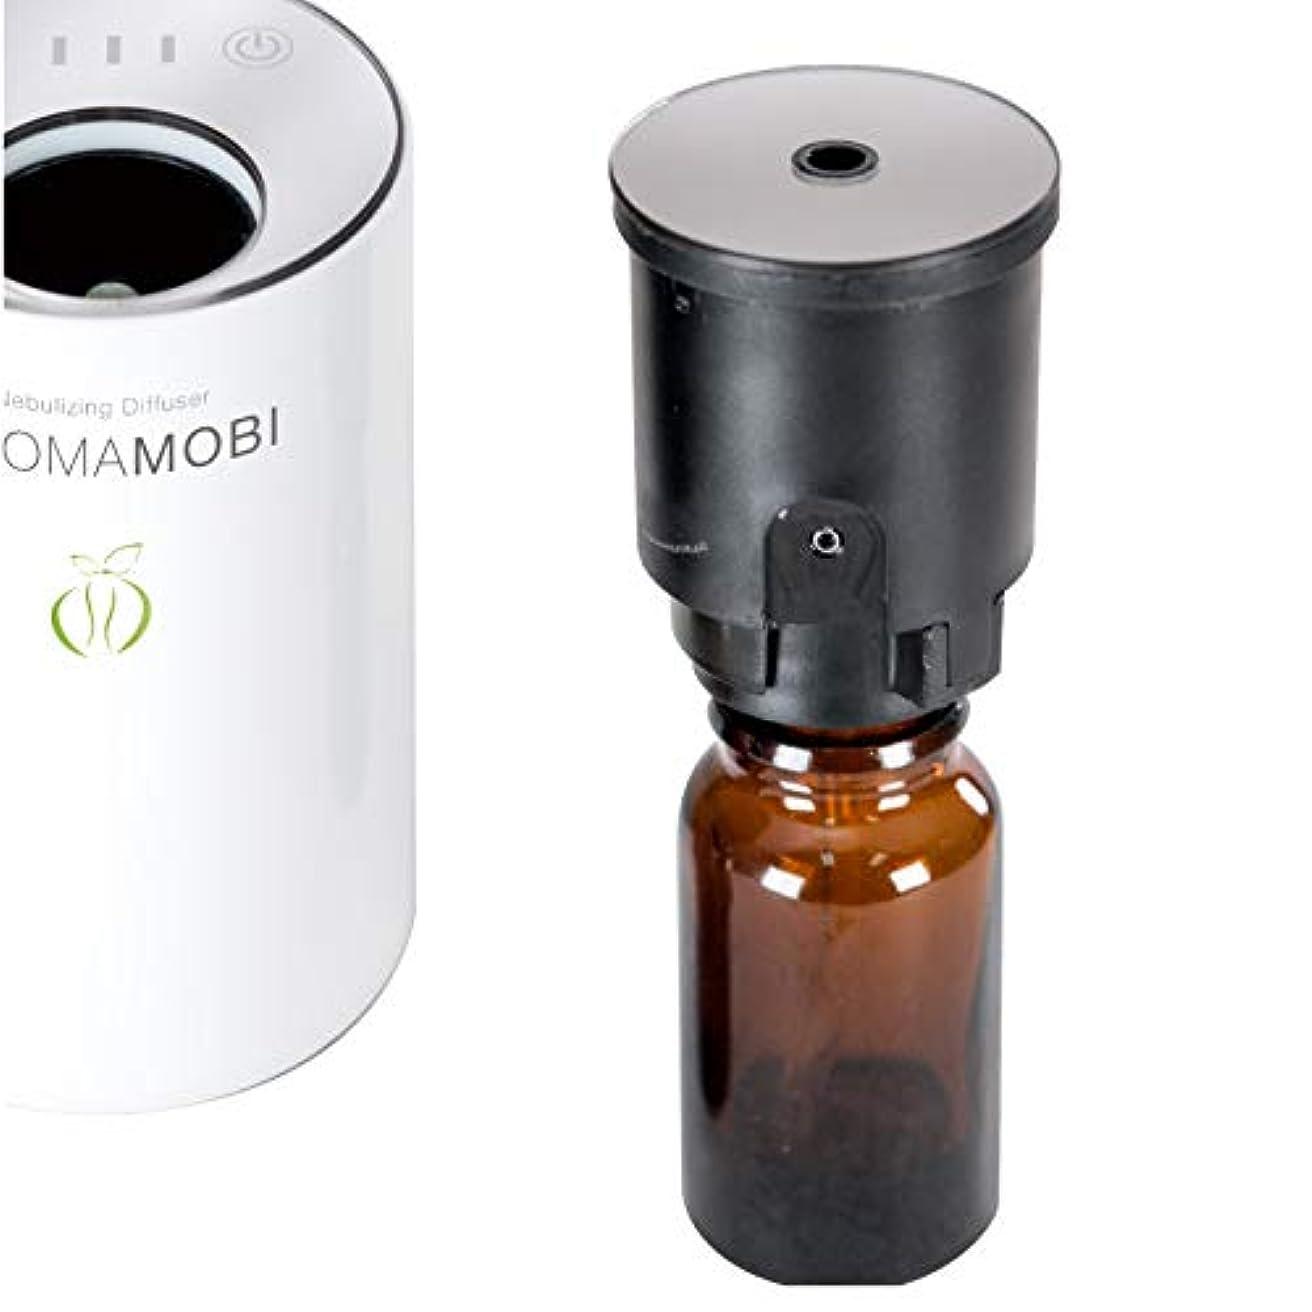 ビジターにおい発掘するfunks アロマモビ 専用 交換用 ノズル ボトルセット aromamobi アロマディフューザー